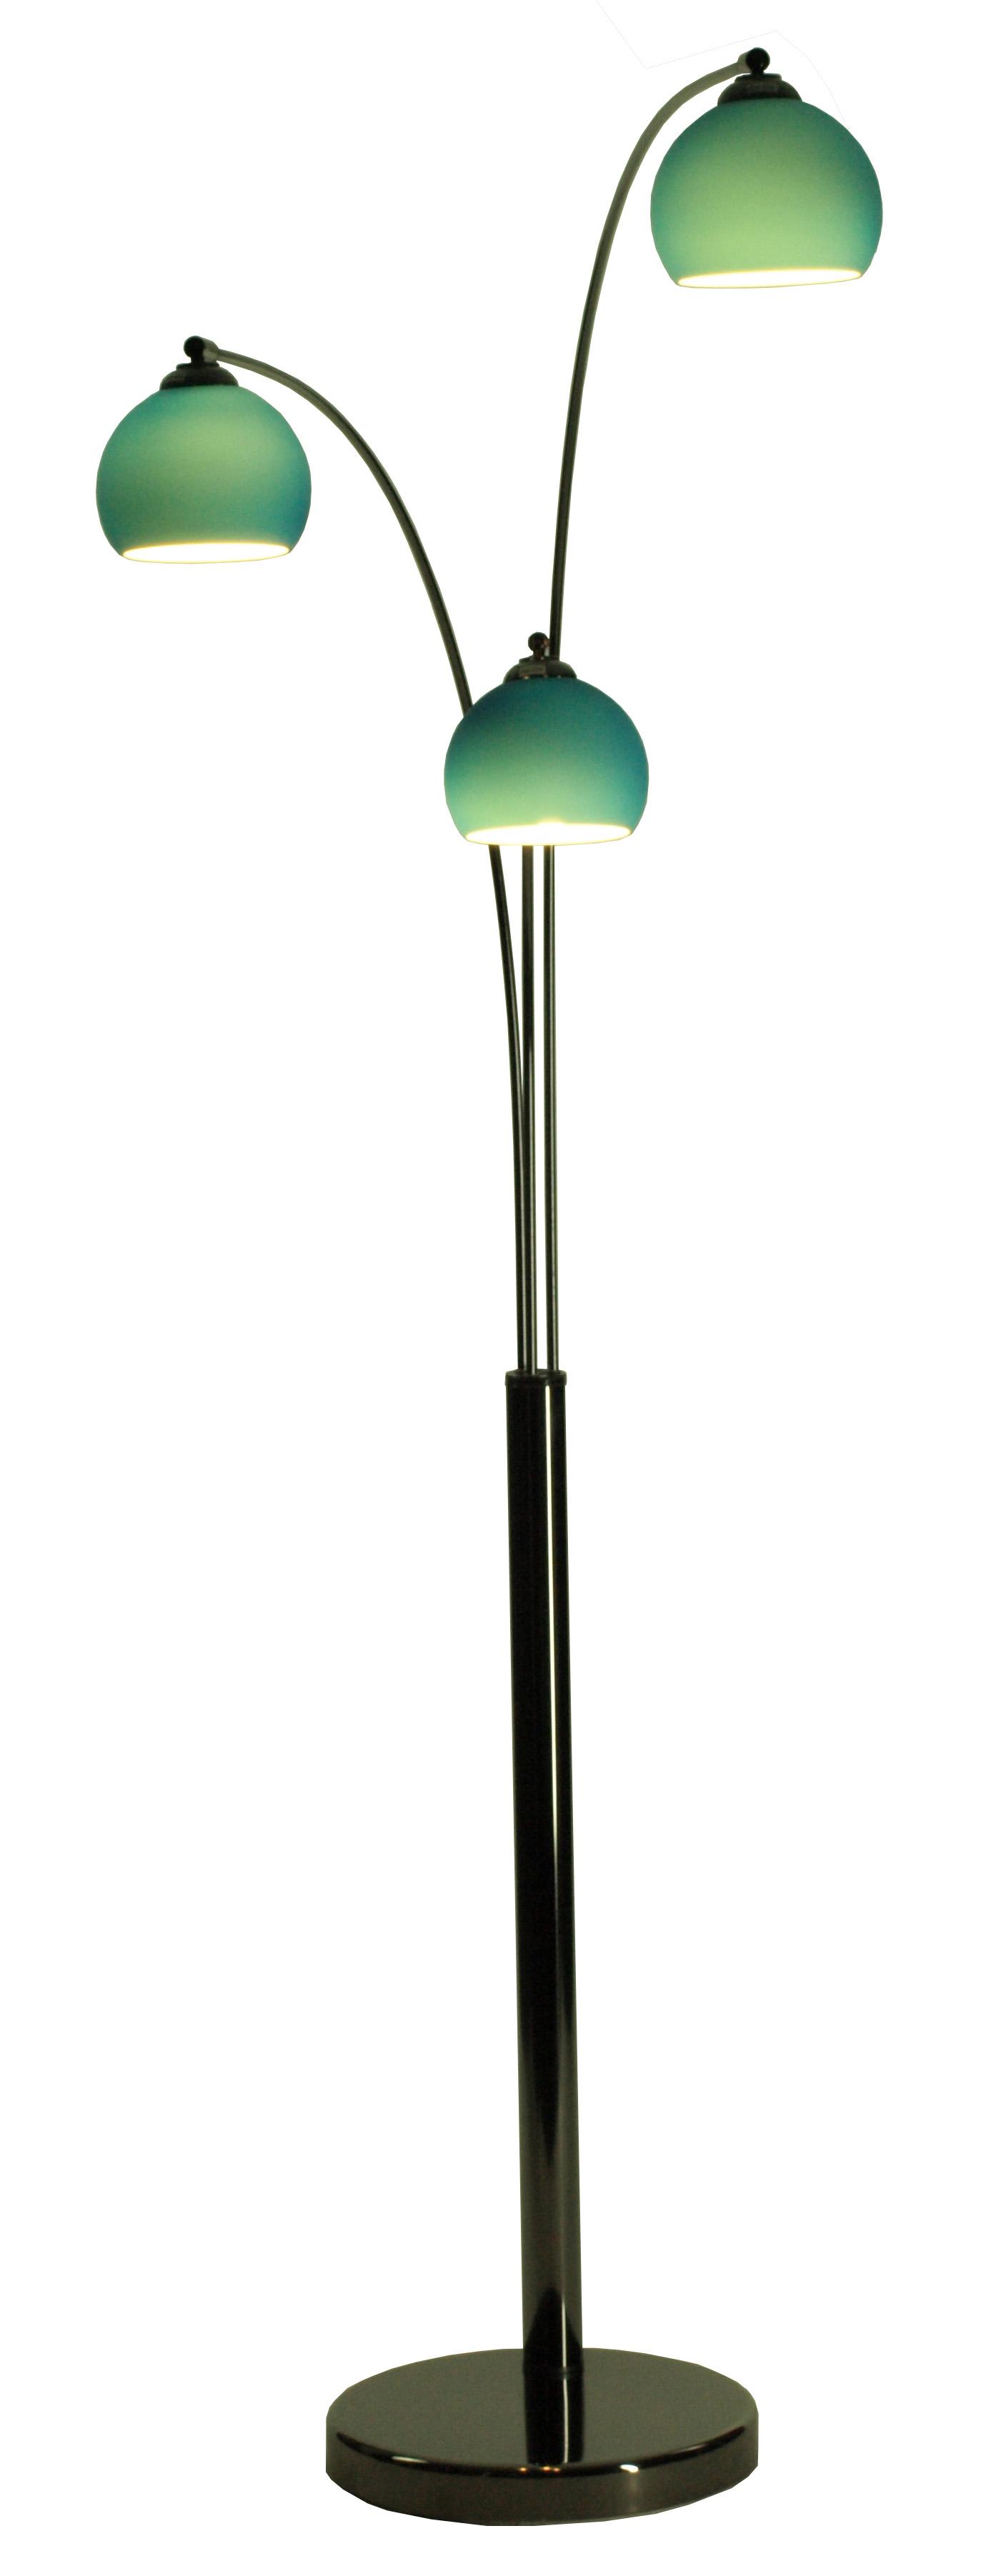 design bogenleuchte stehlampe stehleuchte bogenlampe blau. Black Bedroom Furniture Sets. Home Design Ideas